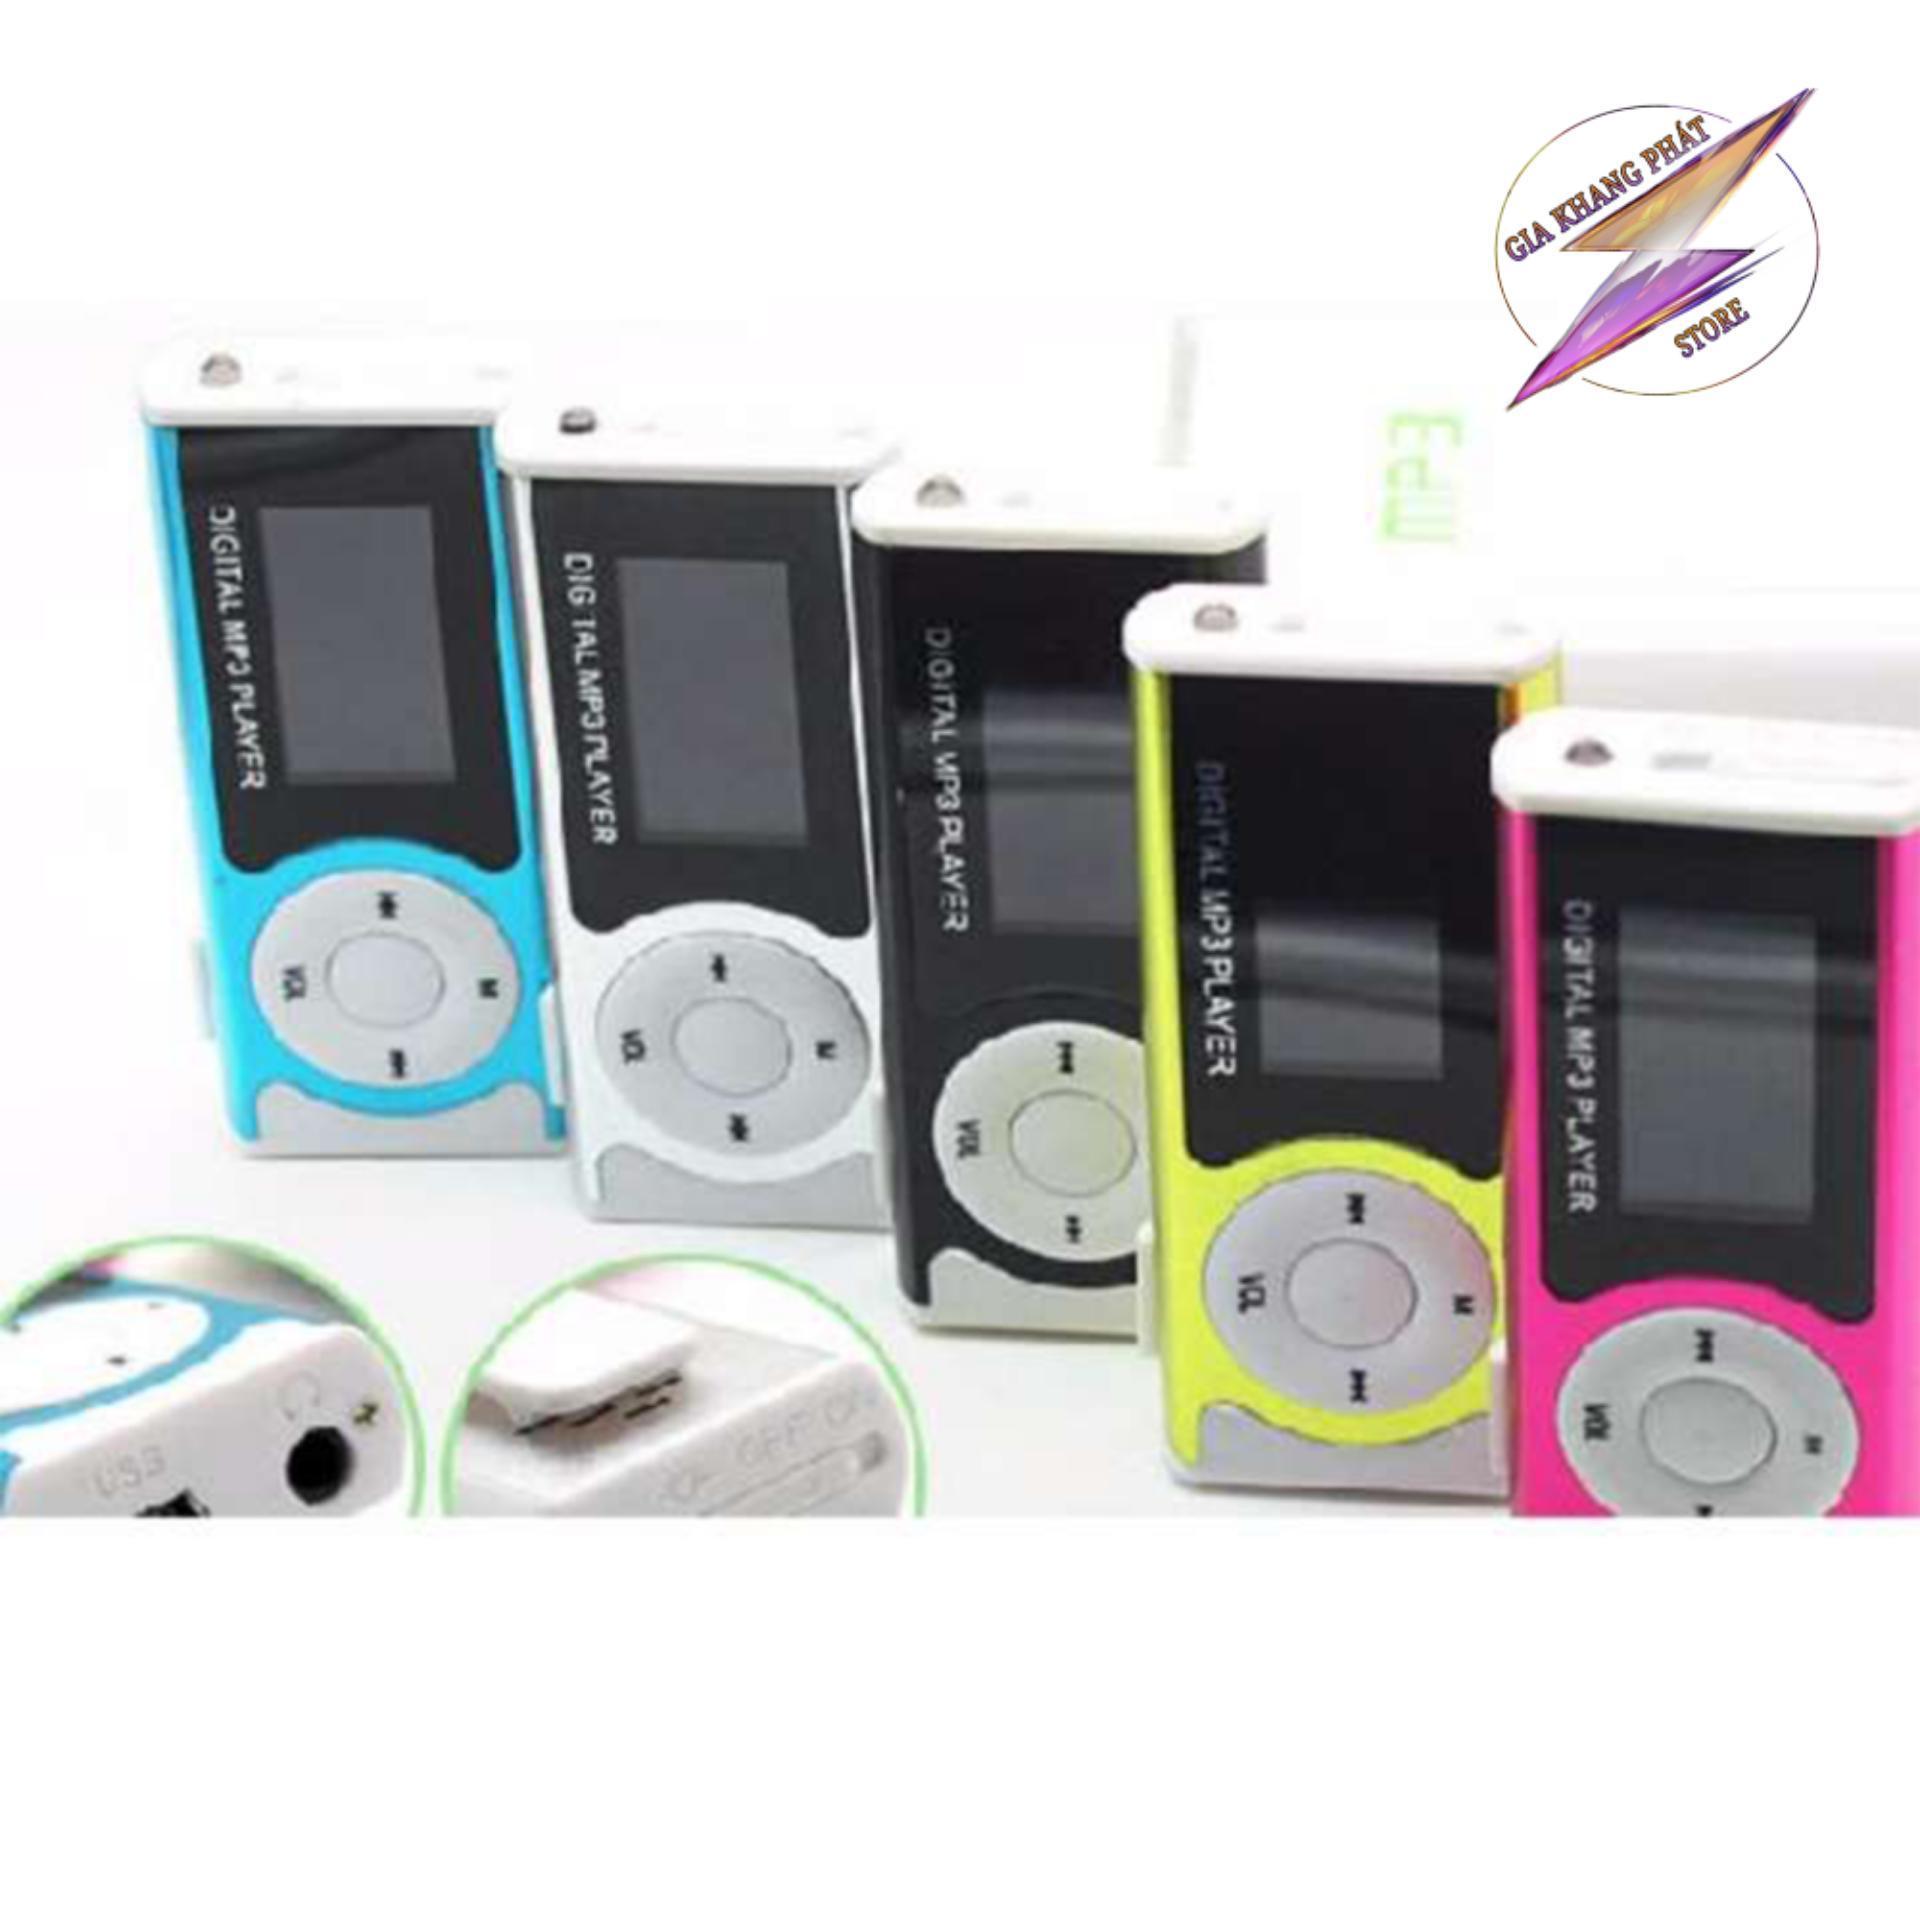 Máy nghe nhạc MP3 LCD chữ nhật